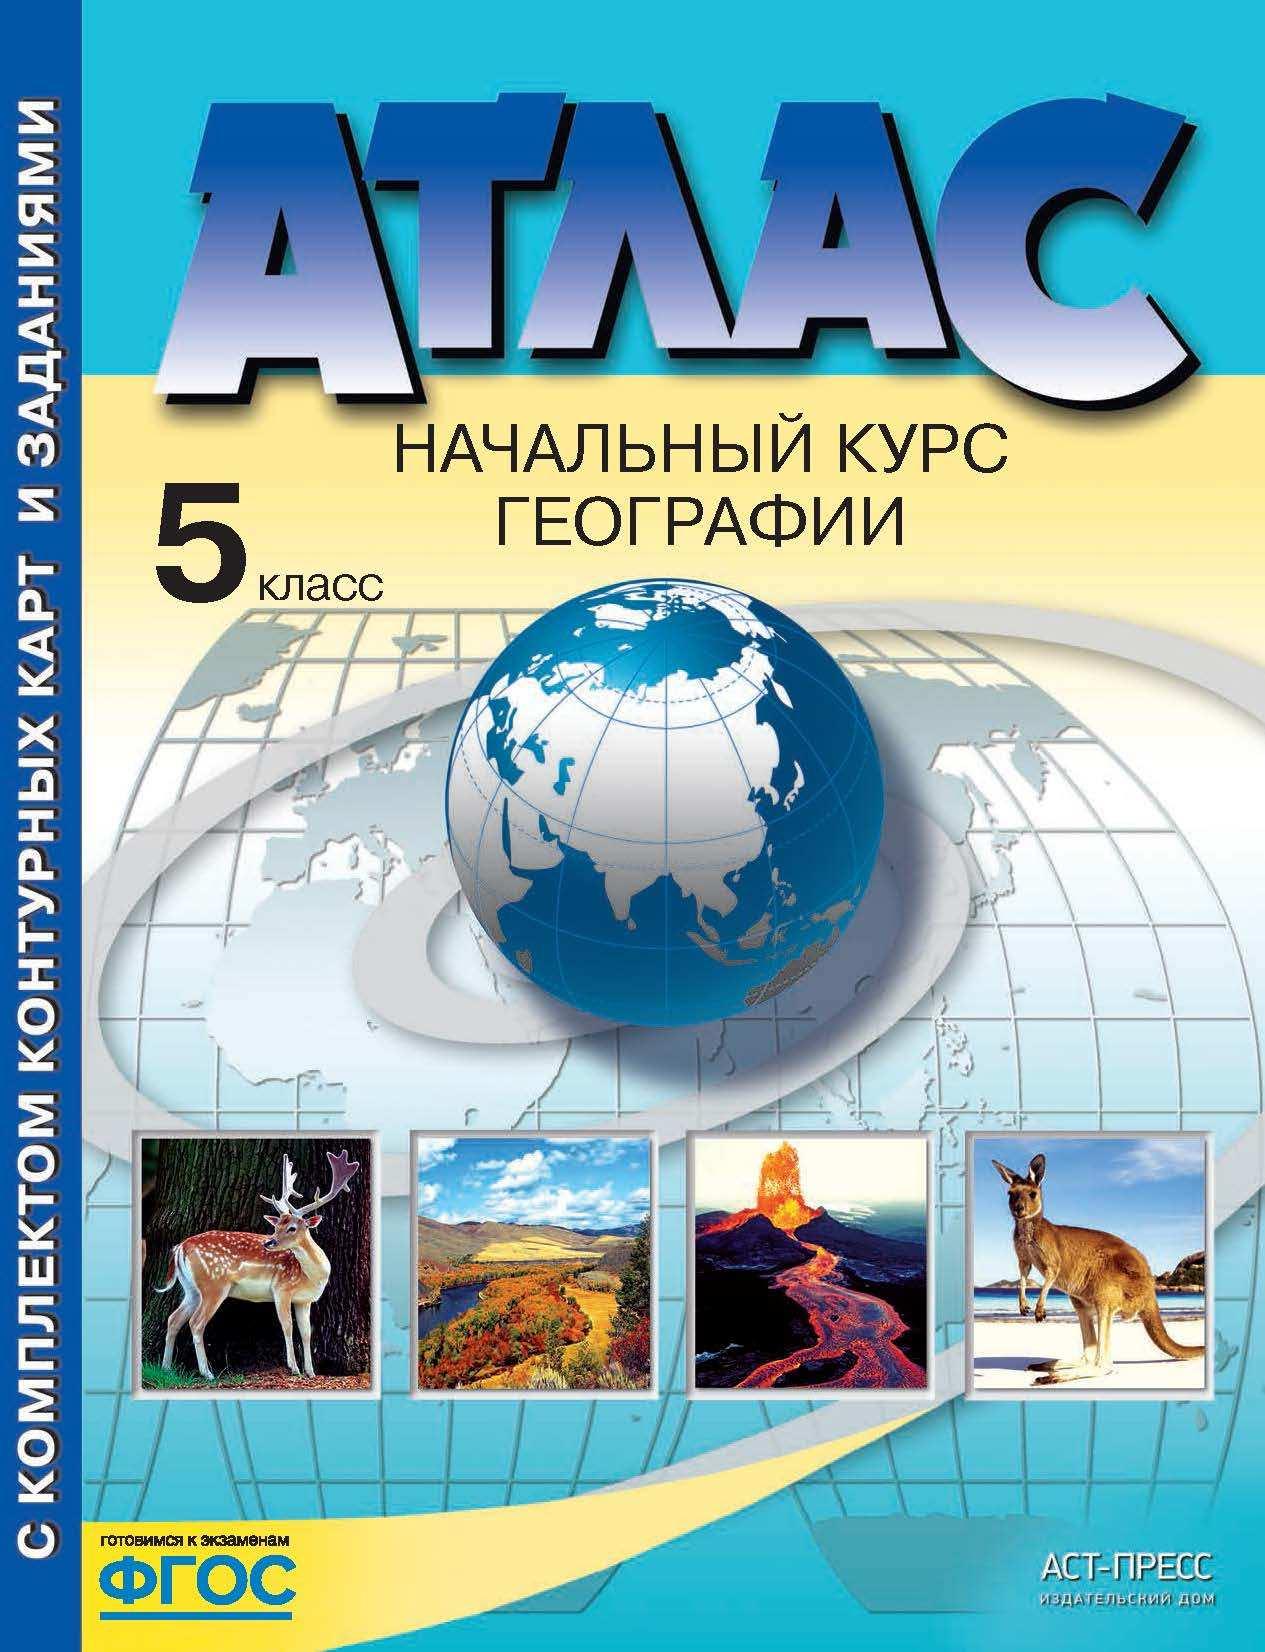 Атлас 5 кл.: Начальный курс географии с комплектом конт.карт ФГОС